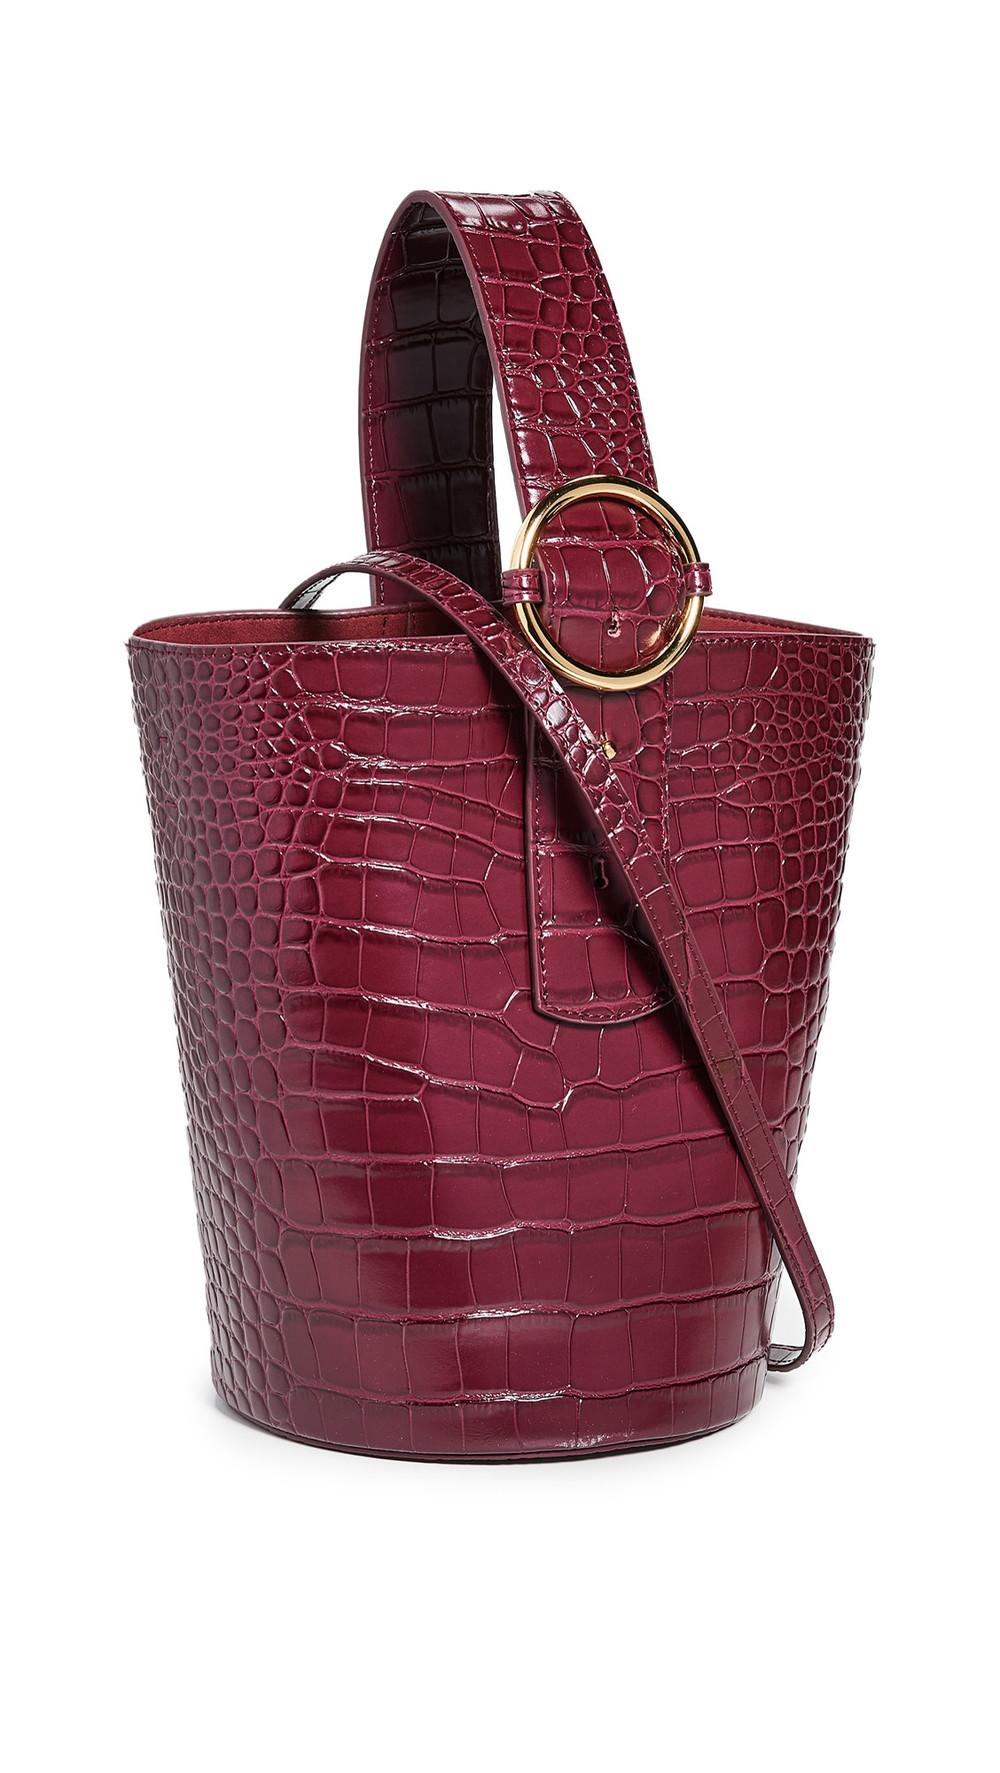 Parisa Wang Addicted Bucket Bag in burgundy